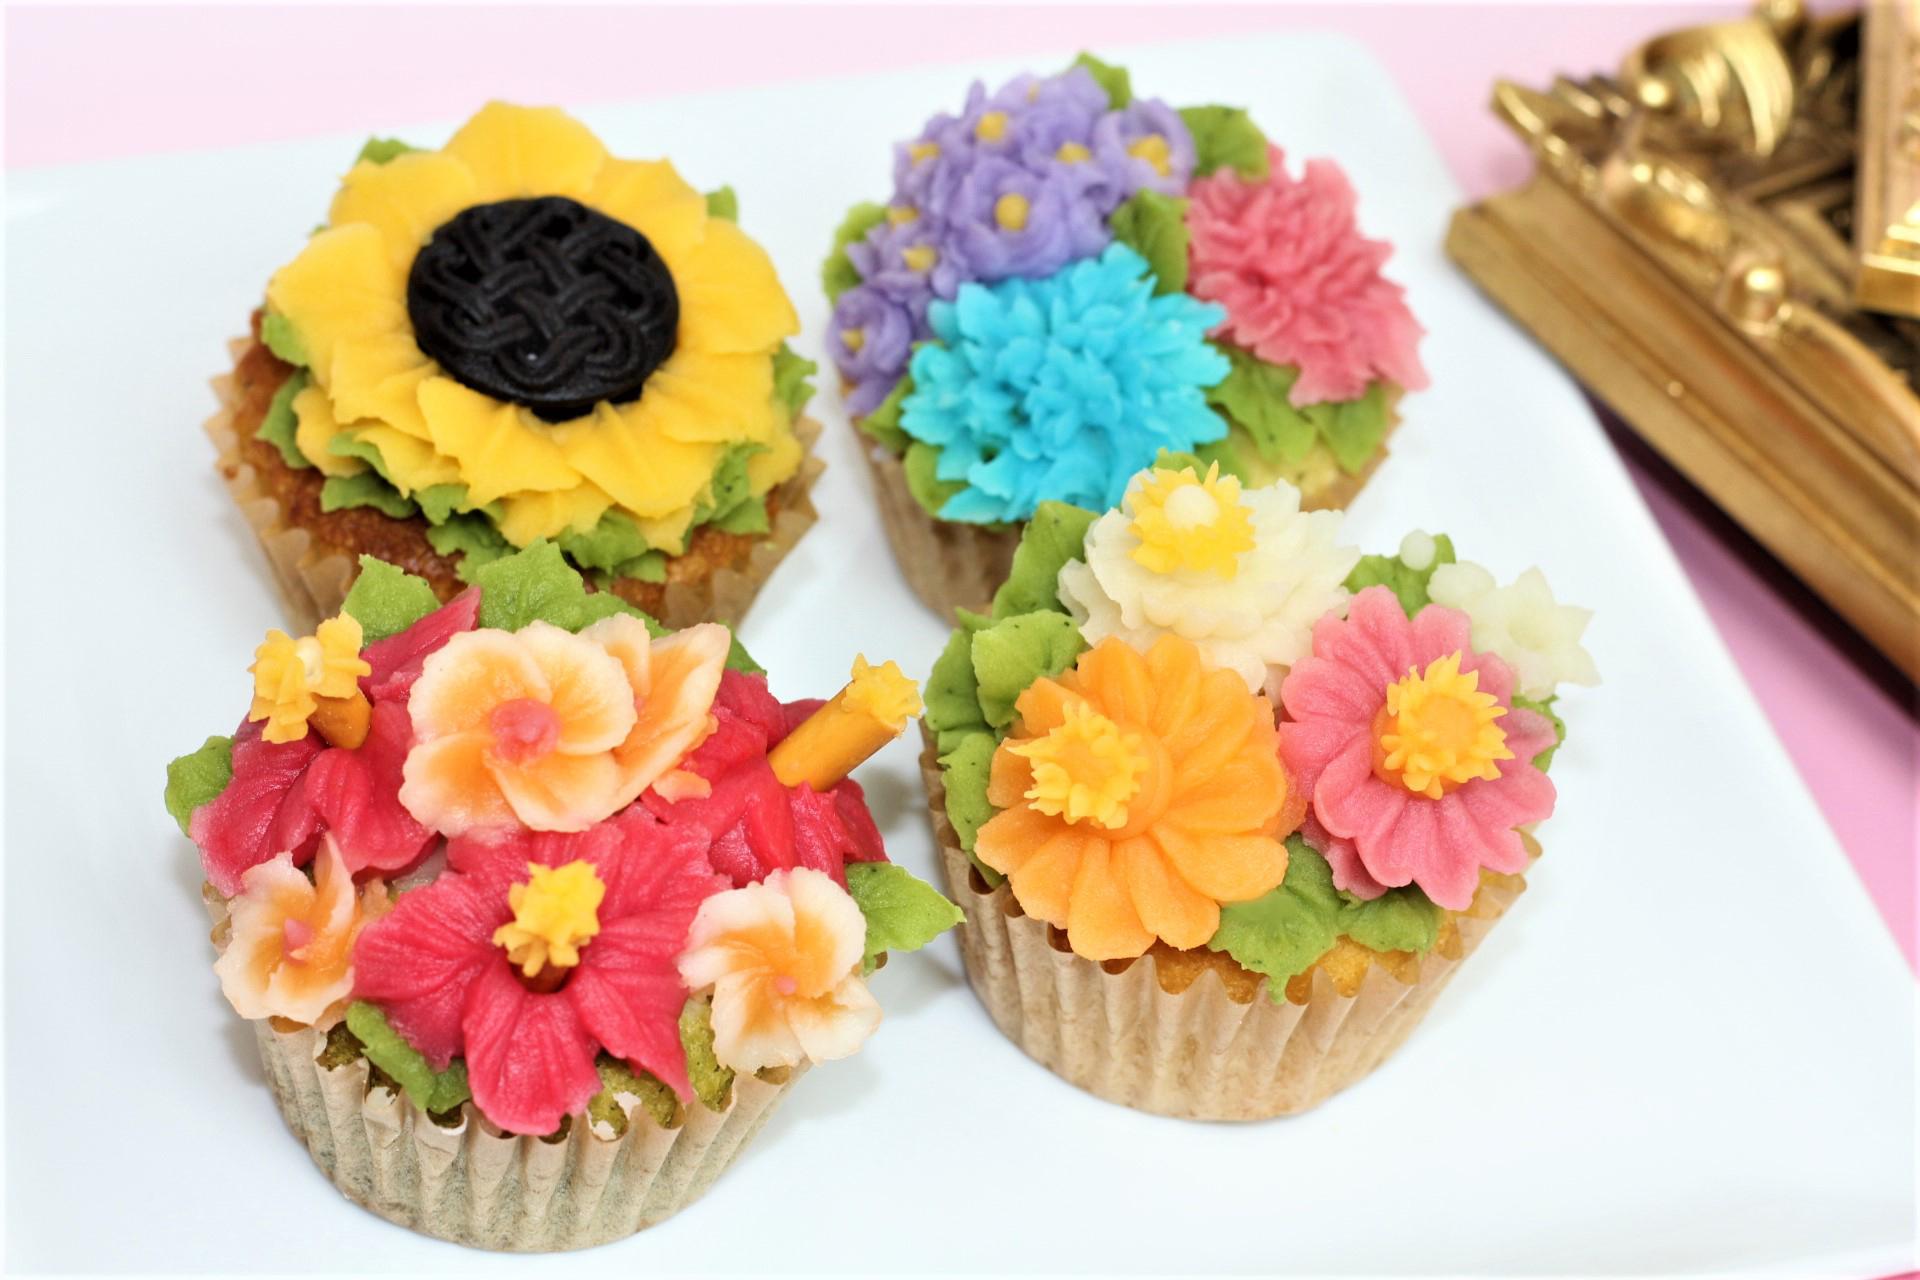 フラワーカップケーキ ハイビスカス、向日葵